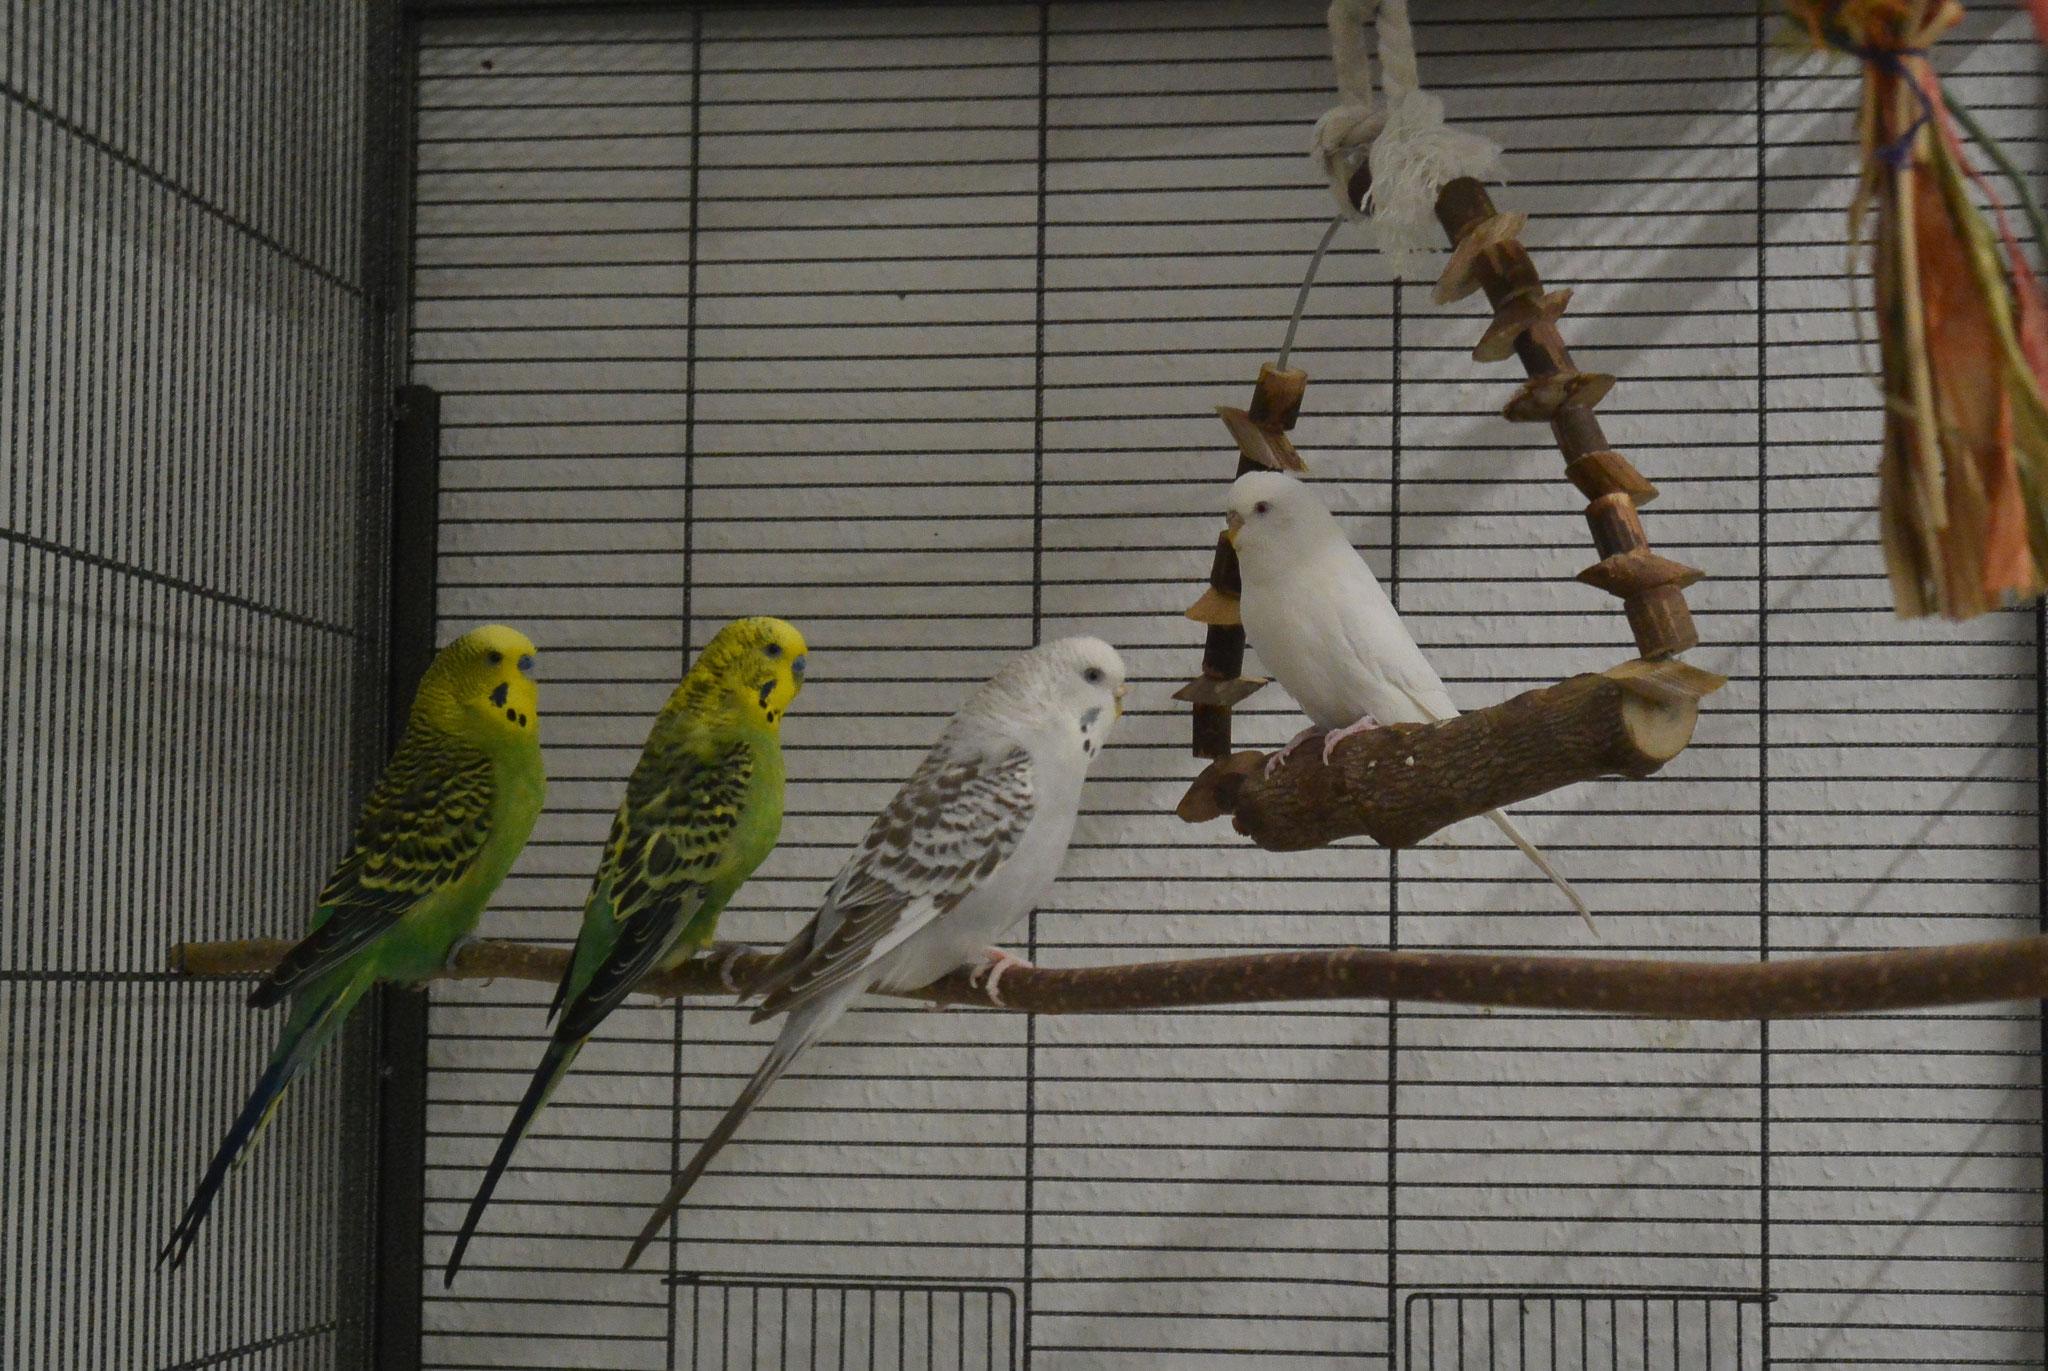 Teepo, Mila, Anivia, Merlin